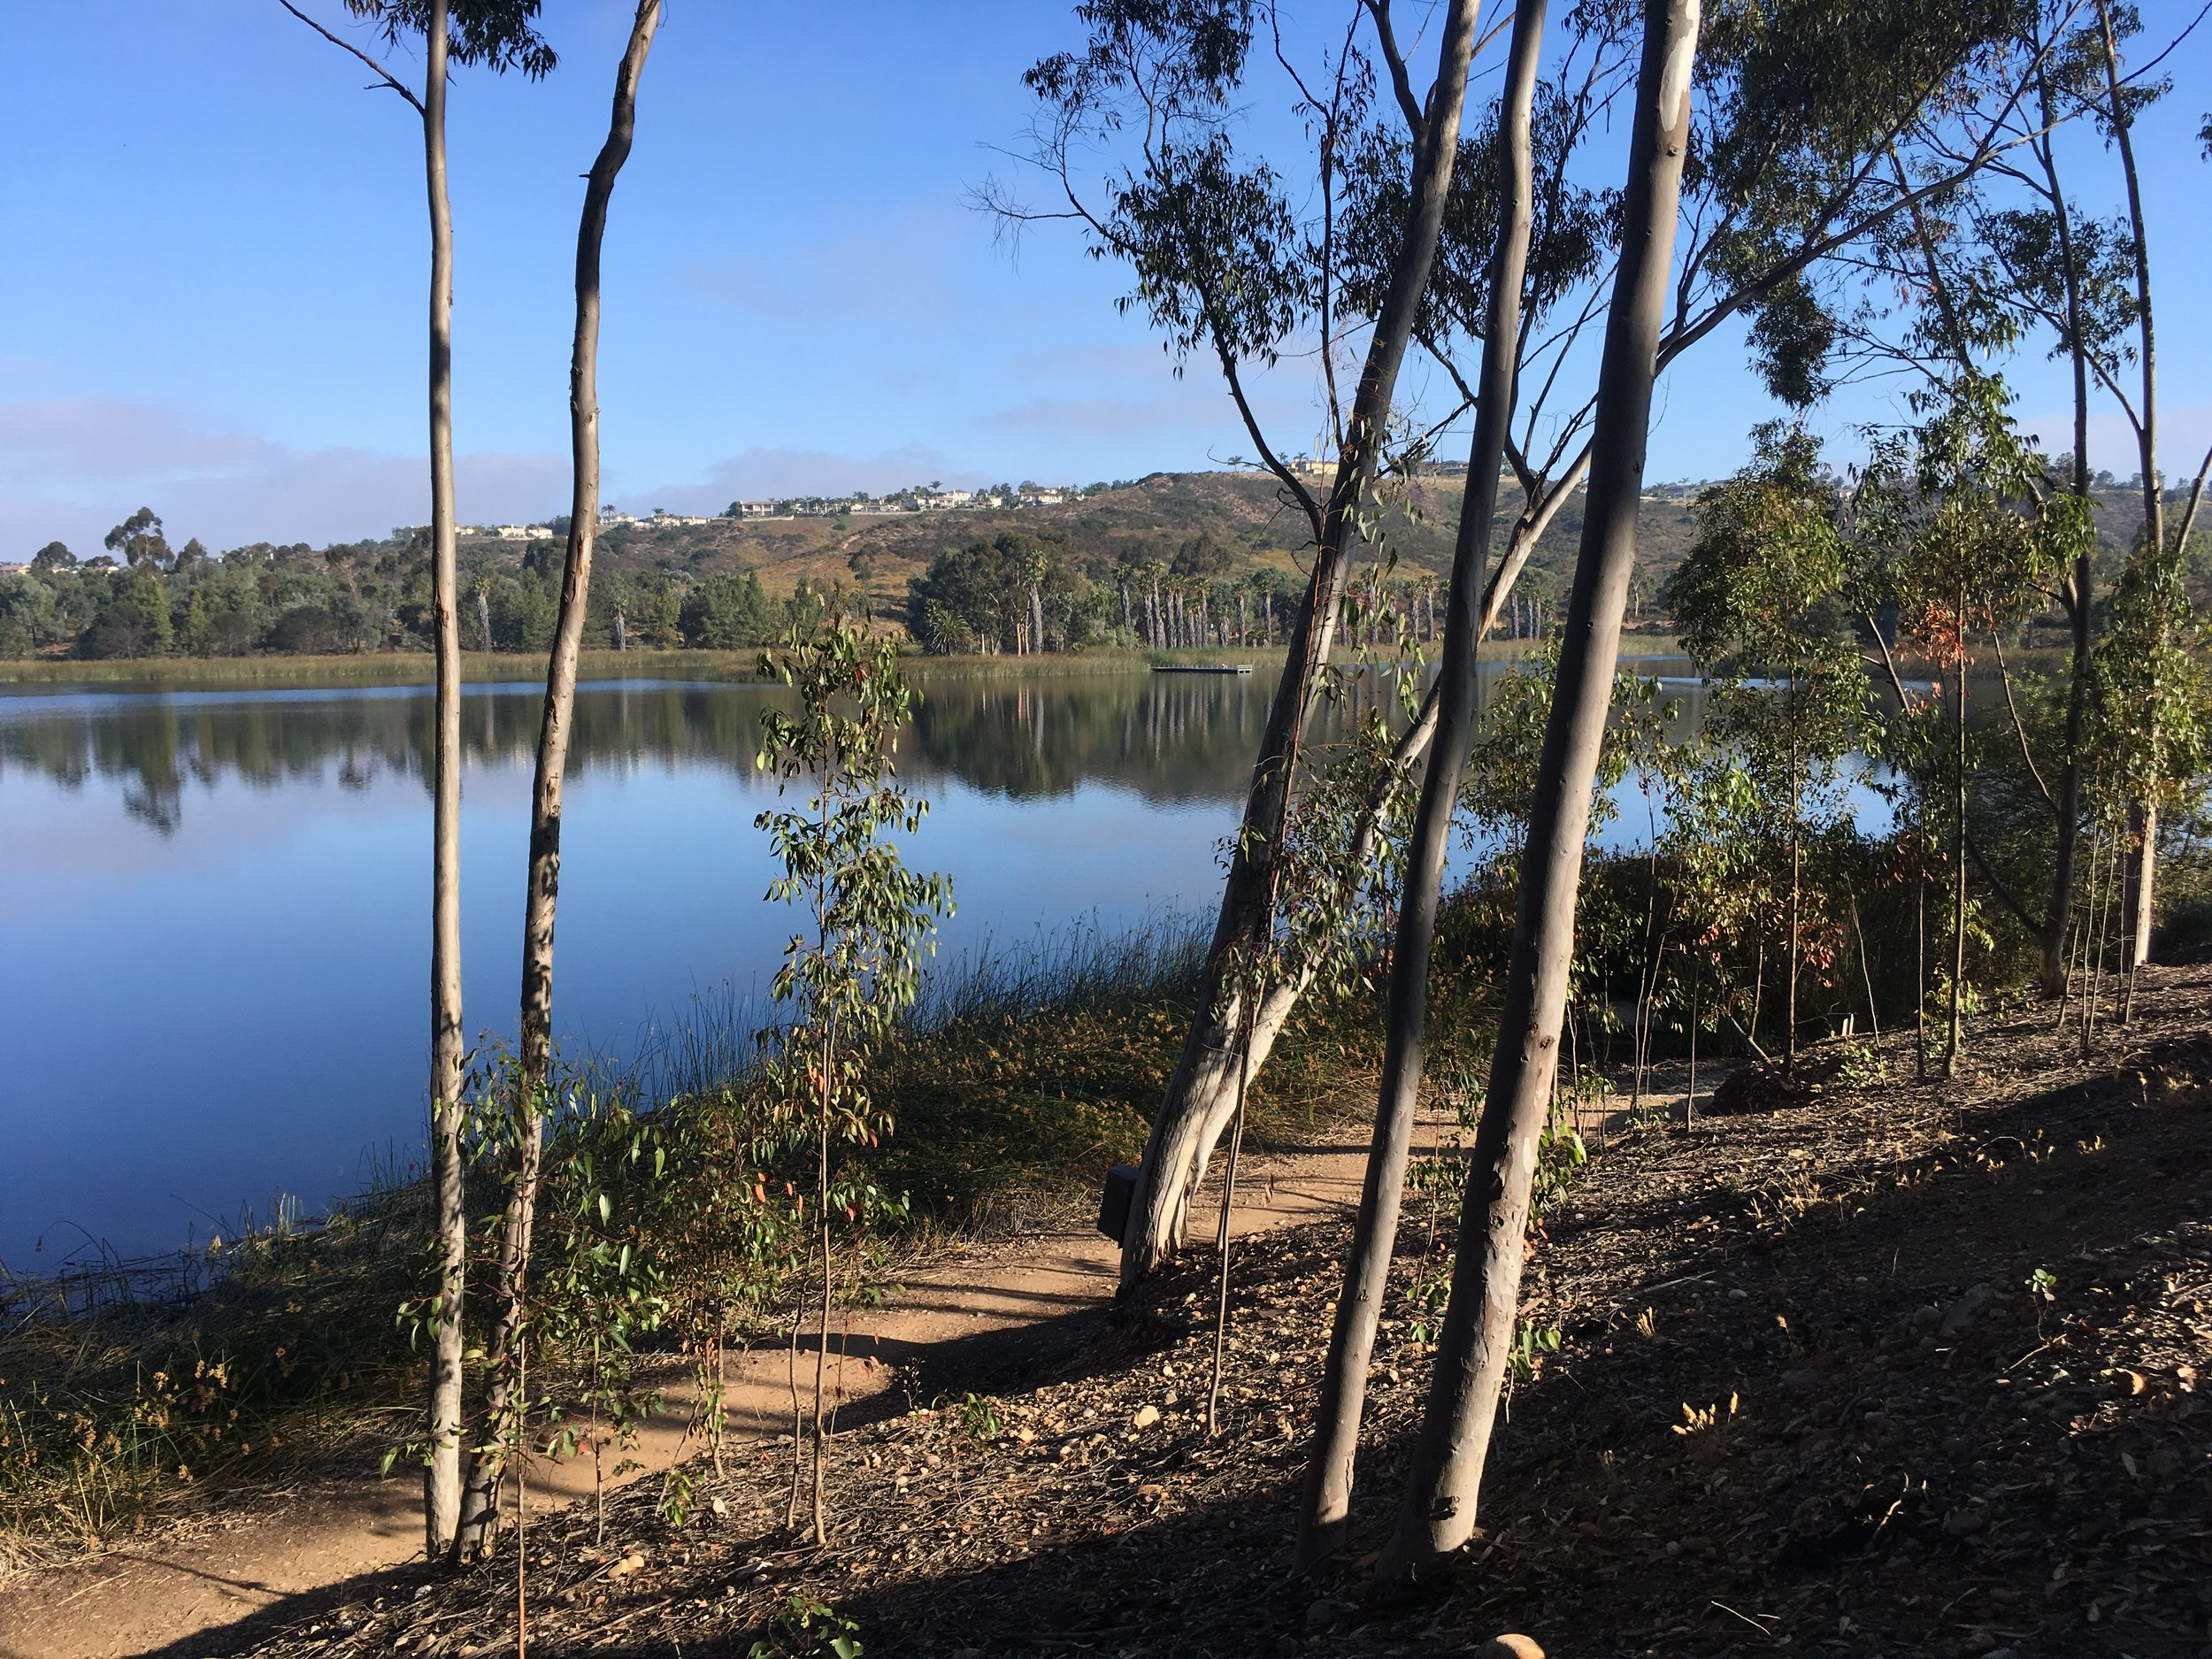 A moment of captivating stillness at Miramar Lake